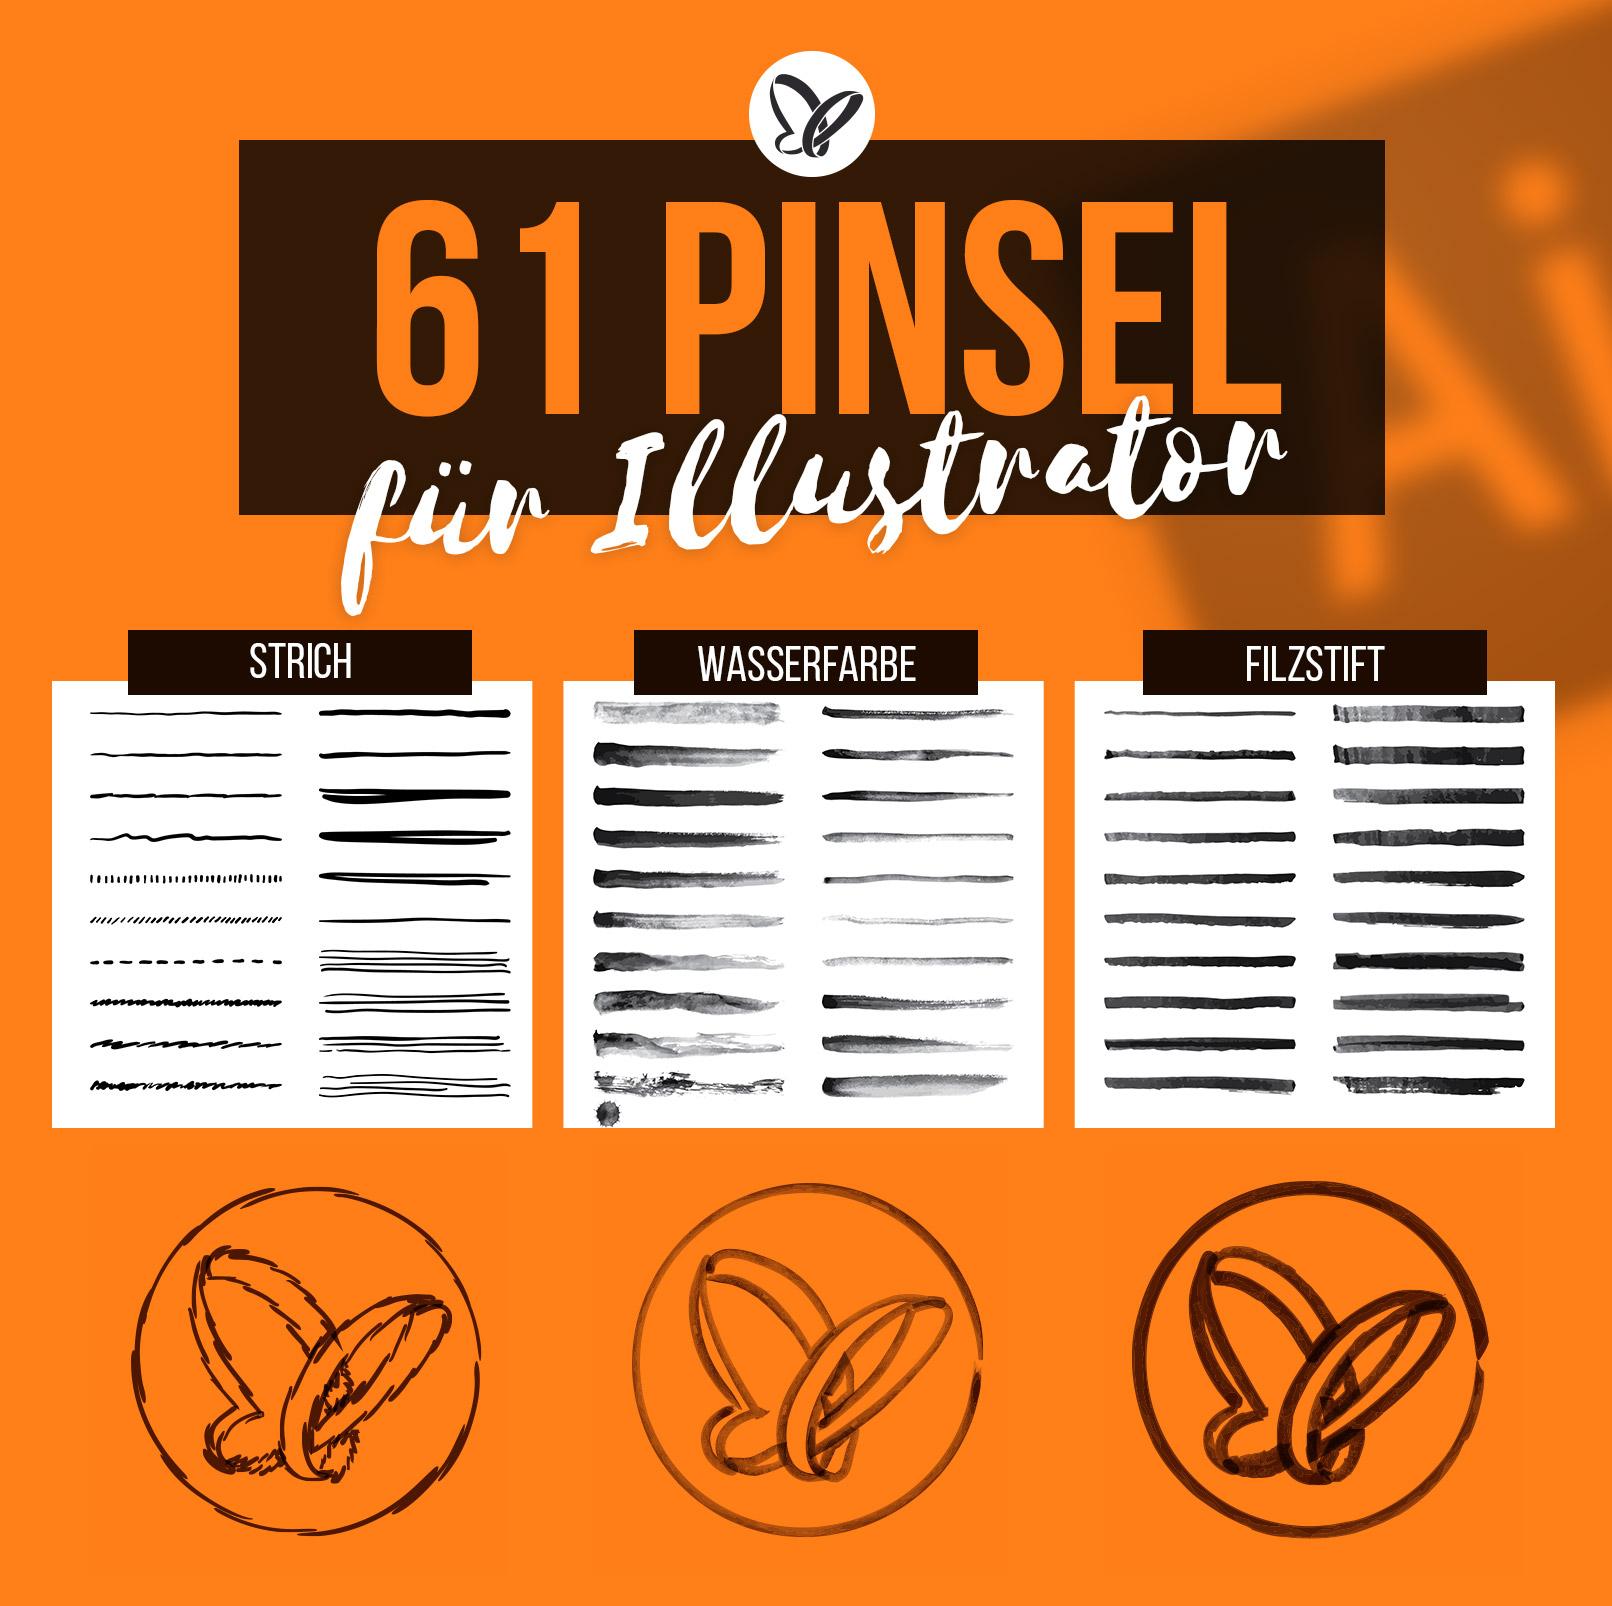 Beispiele für die 61 Illustrator-Pinsel